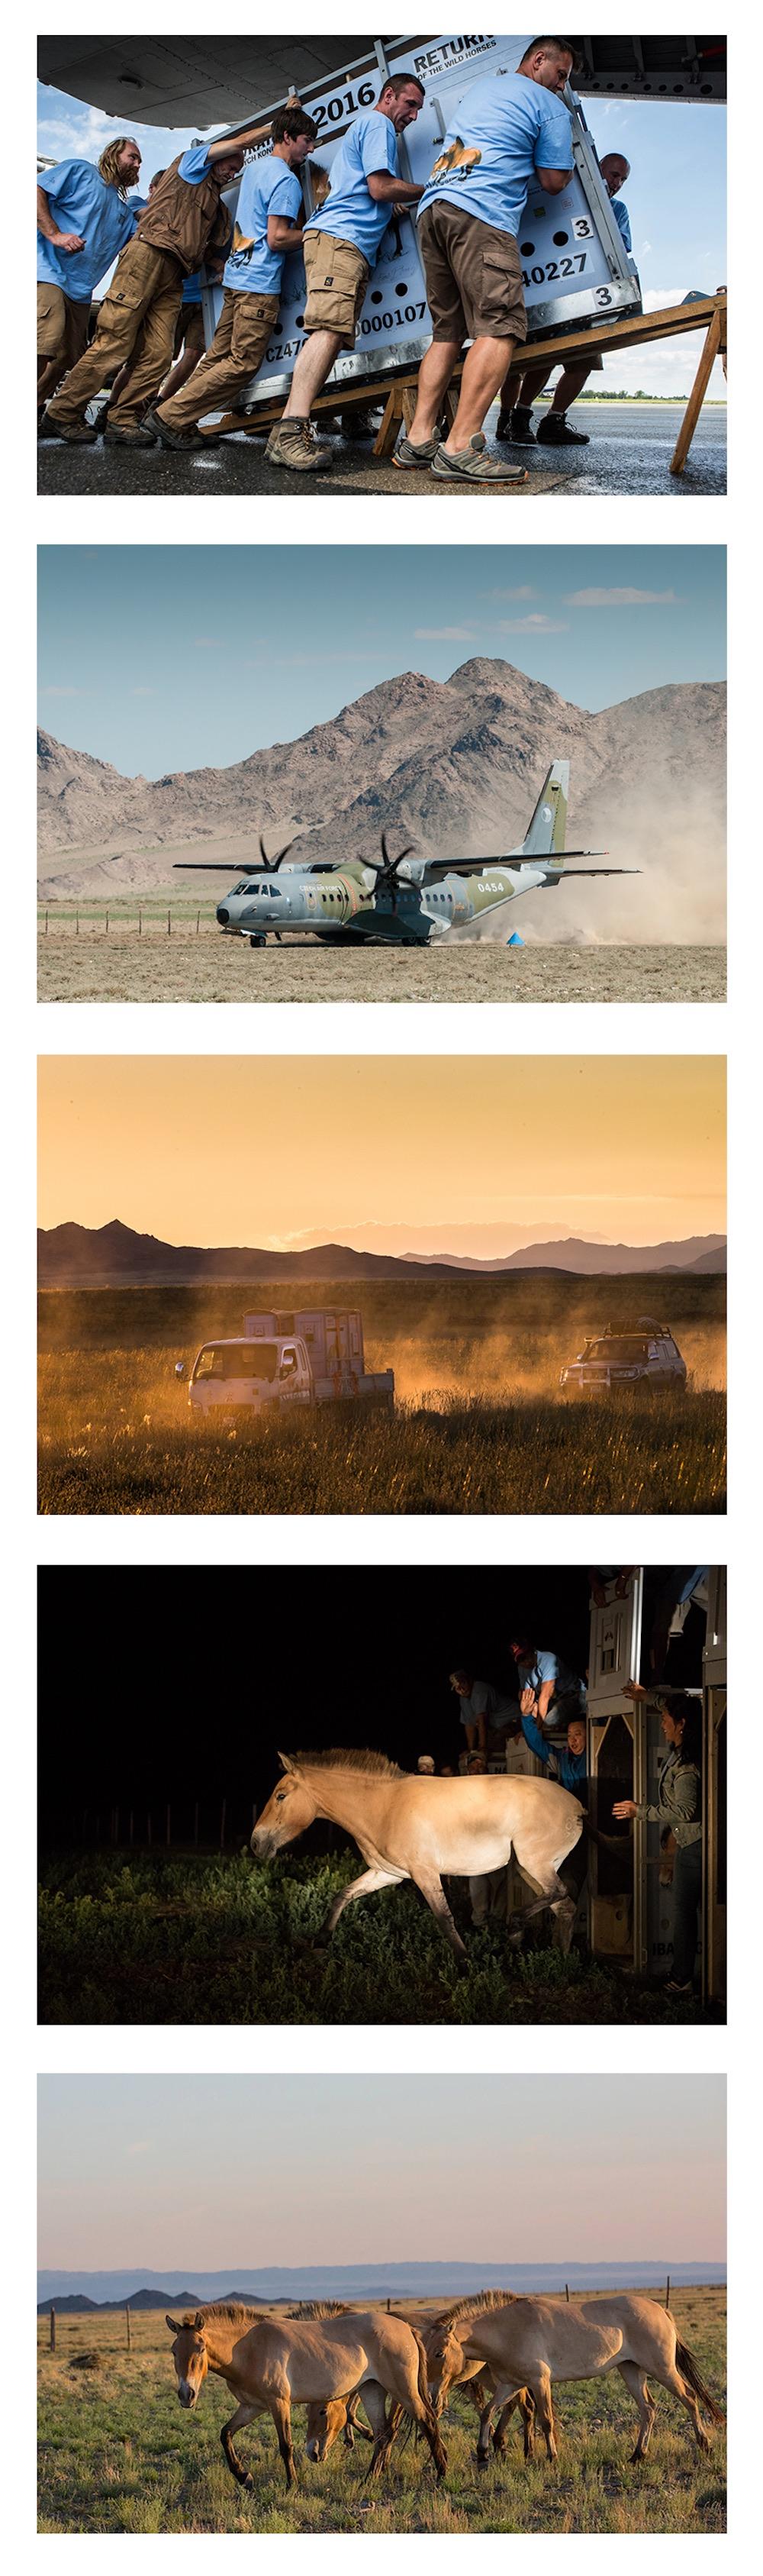 I slutningen af 1960'erne var verdens eneste oprindelige vildhest, przewalski-hesten (eller som den hedder i Mongoliet: takhi) næsten udryddet, men et minutiøst avlsprogrammet har reddet den. I dag udsættes den flere steder i verden, f.eks. i Döberitzer Heide, og som bestanden vokser, genudsættes fra tid til anden vildhesten atter i Mongoliet, hvor dens sidste levested var. Her er det takhier fra Döberitzer Heides bestand, der transporteres til Mongoliet og først udsættes i en tilvænningszone – hvorefter de slippes løs i det fri ... (foto © Prager Zoo og Hans Sielmann Stiftung).